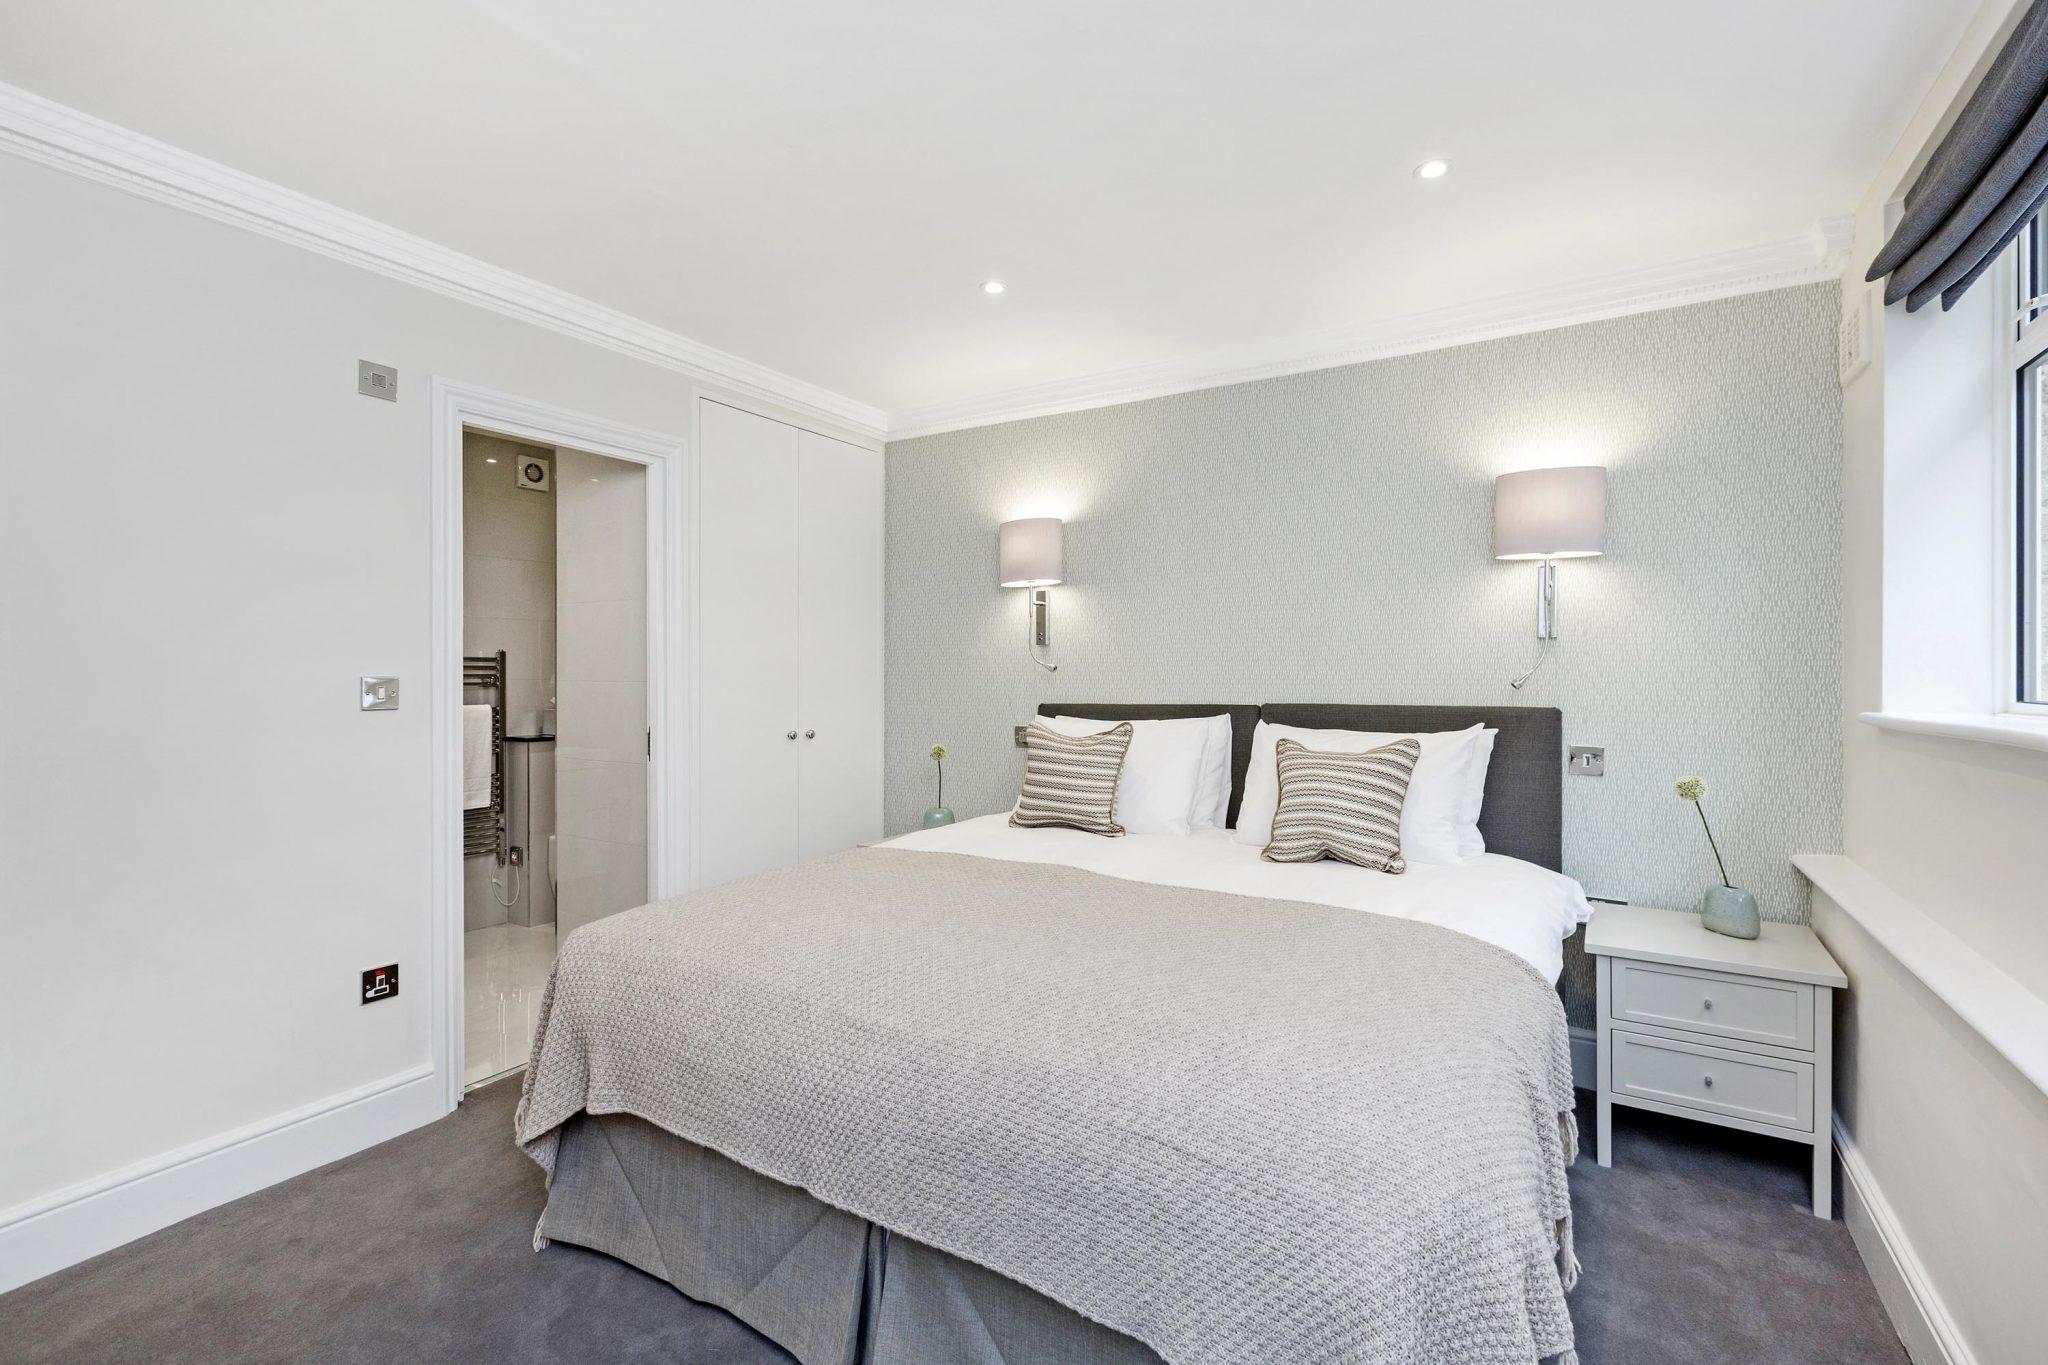 queensgate court 1 bedroom deluxe  maykenbel properties